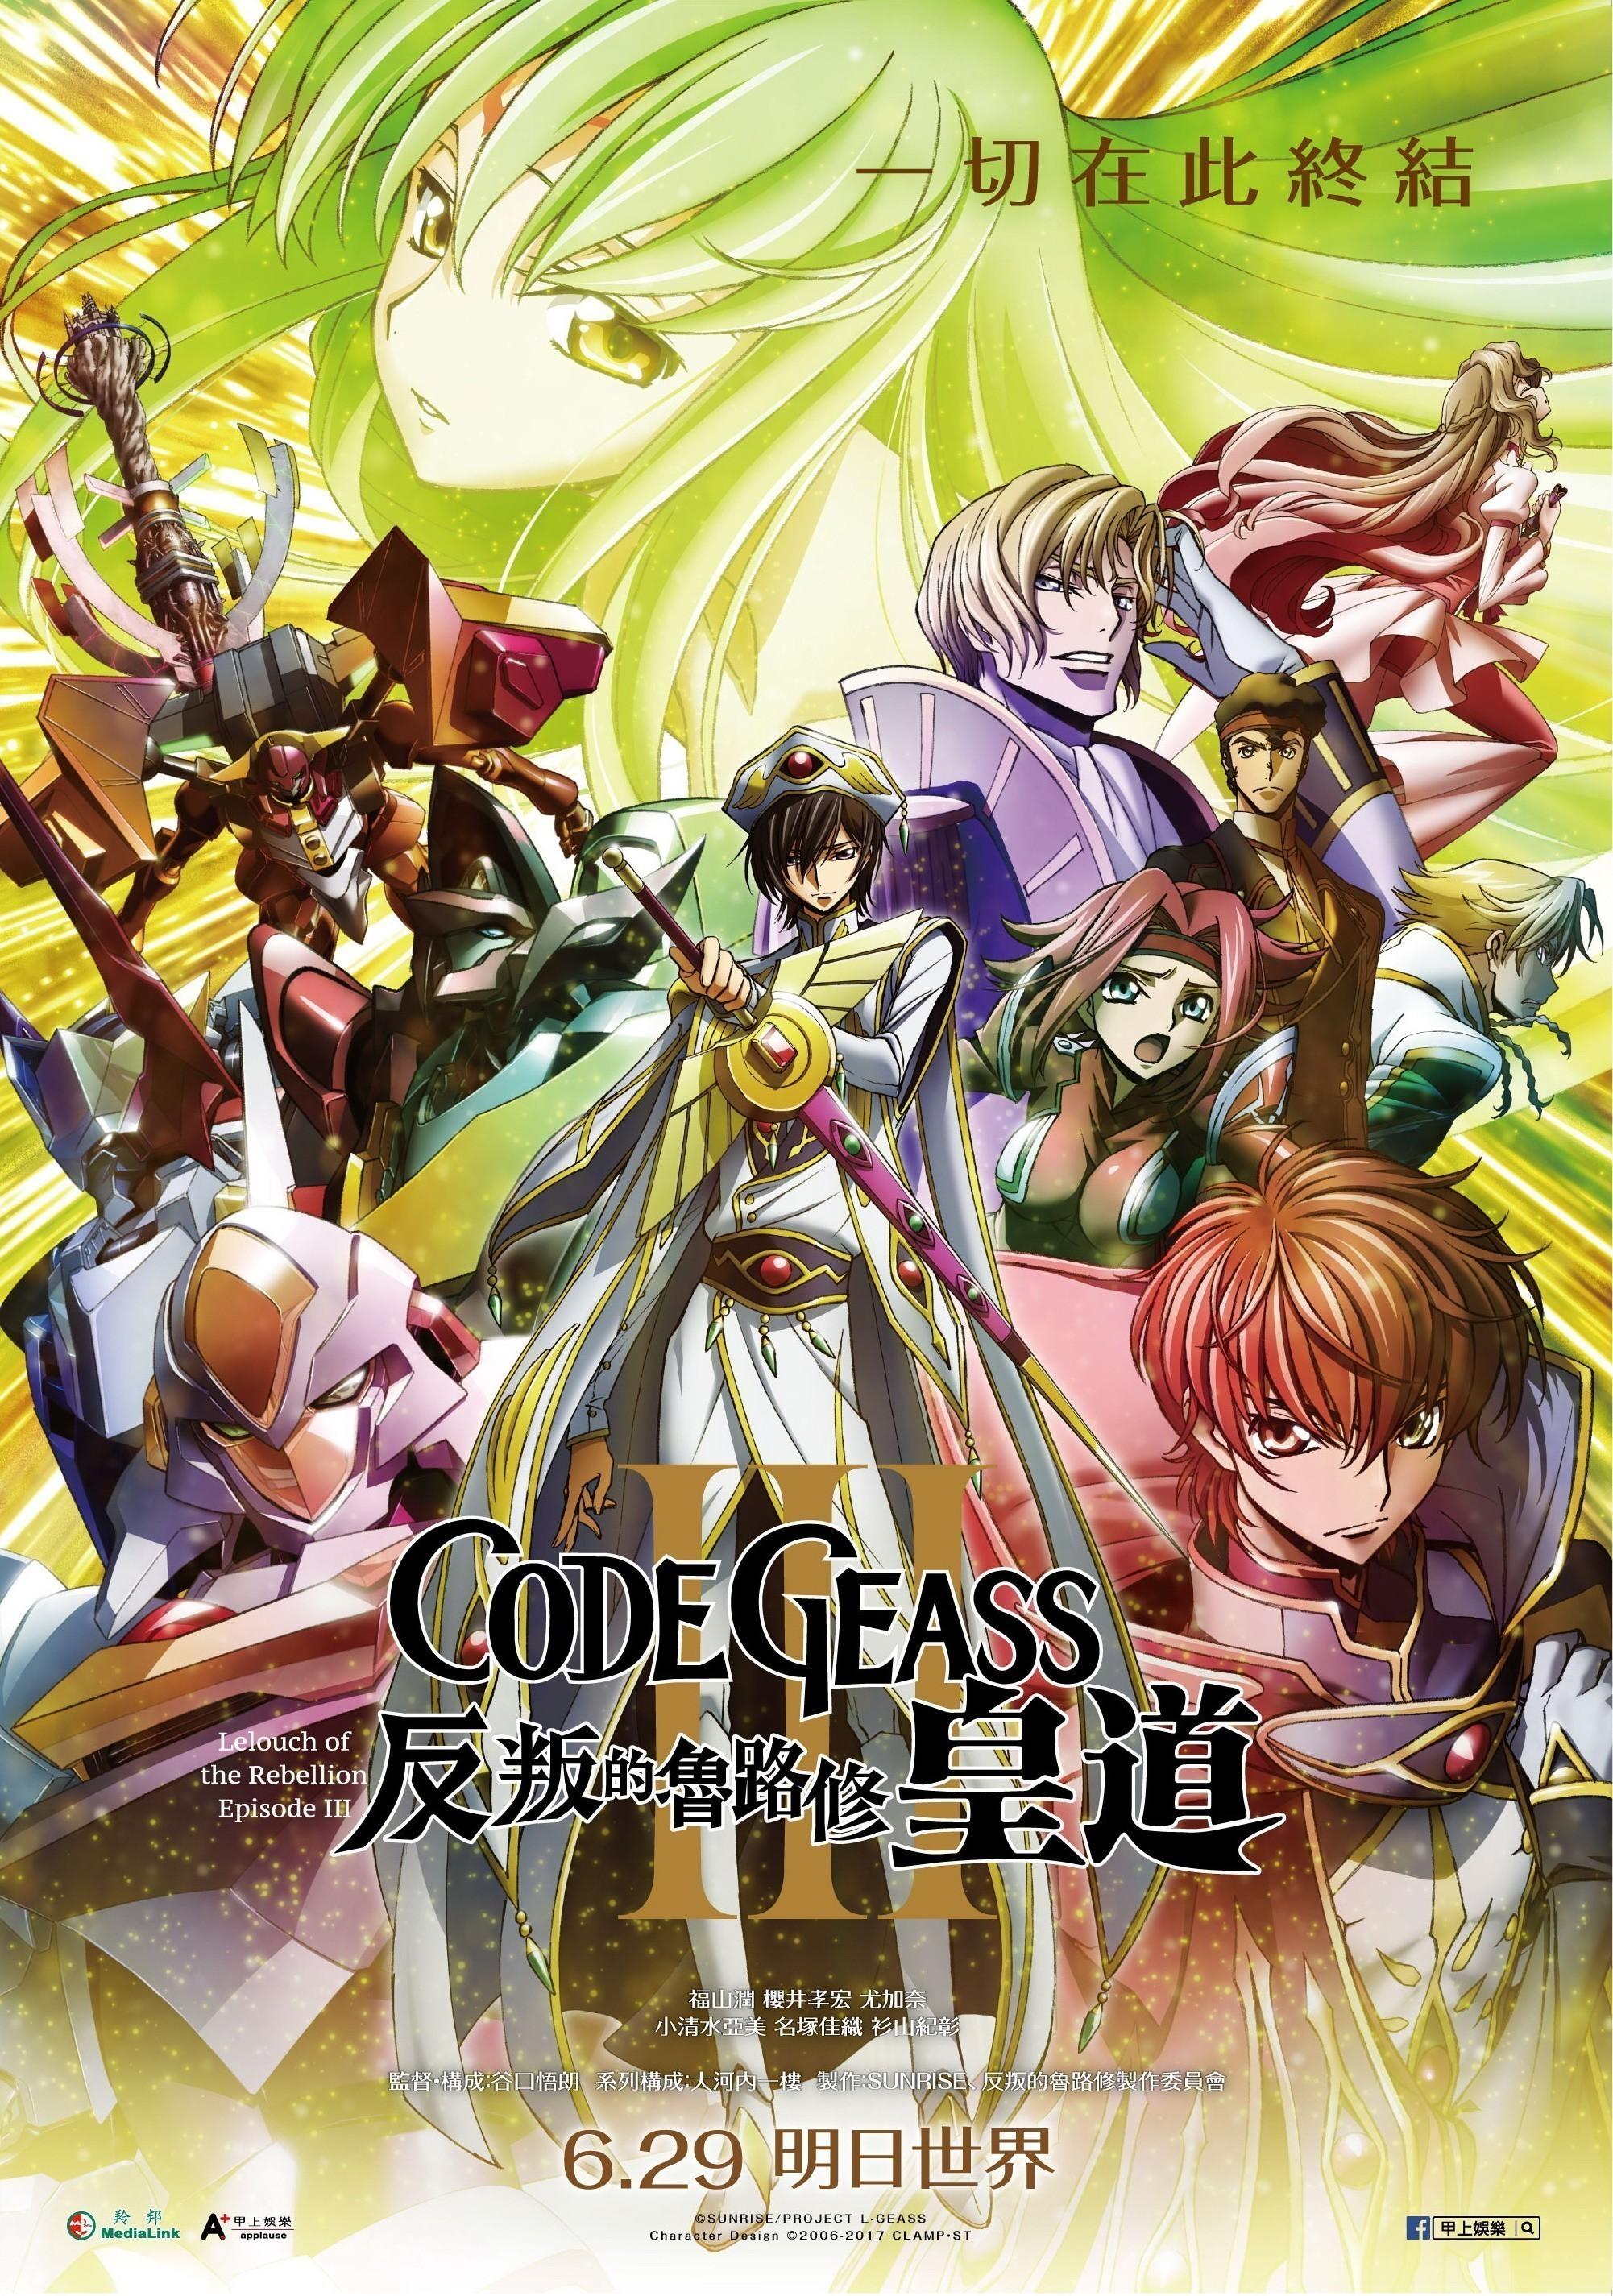 Code Geass: Lelouch of the Rebellion Episode III kapak